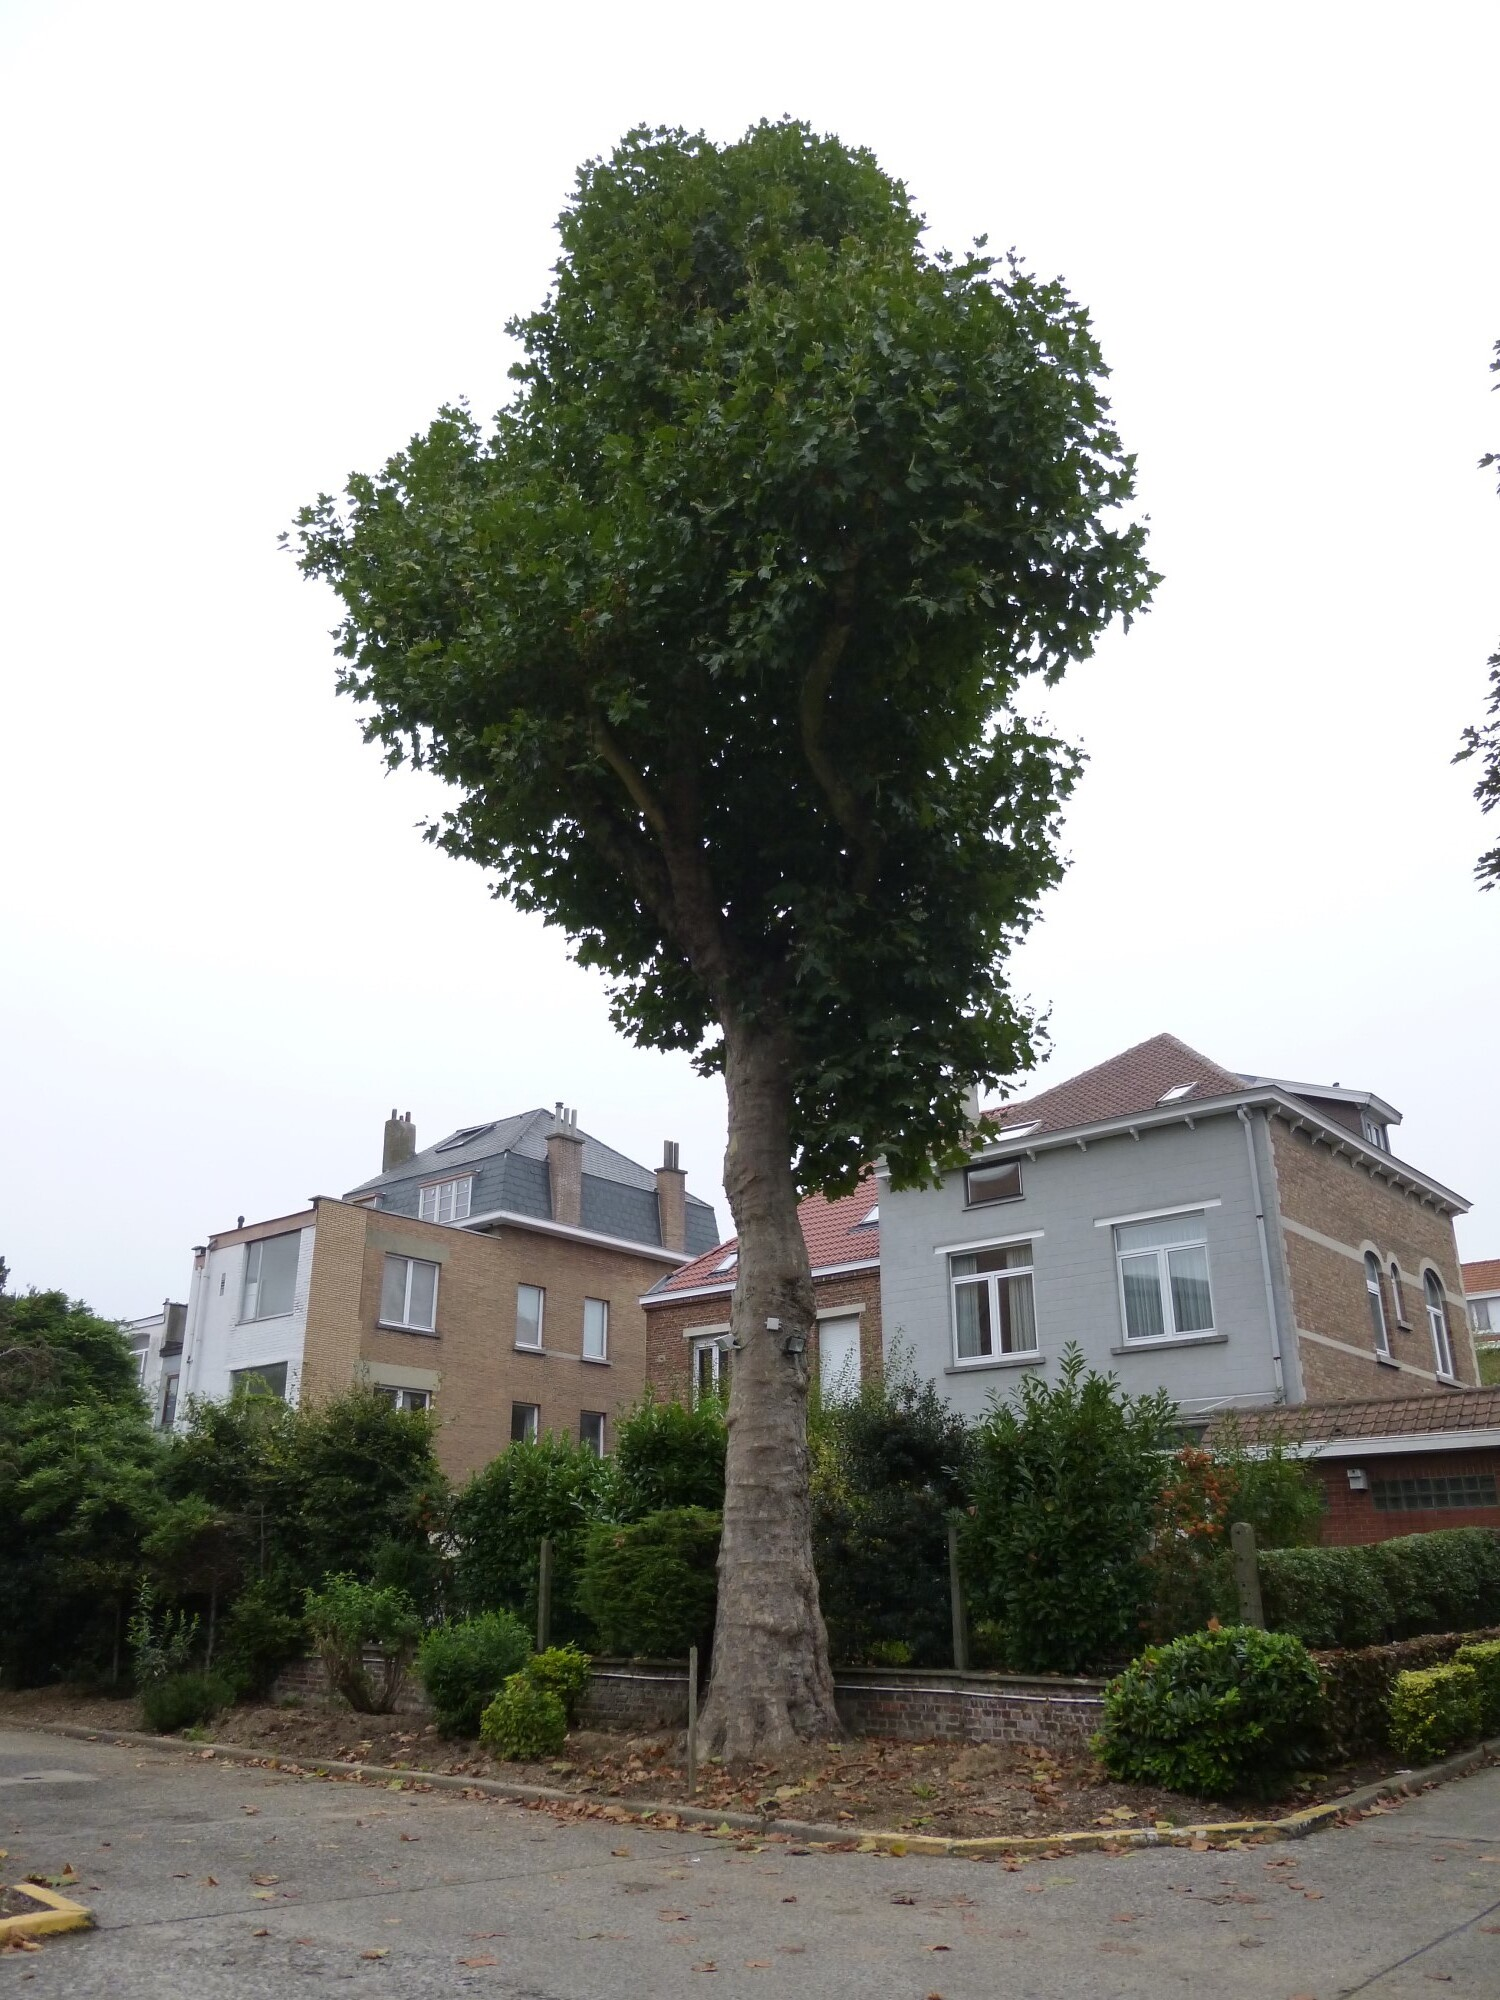 Platane à feuille d'érable – Berchem-Sainte-Agathe, Avenue du Roi Albert, 88 –  11 Octobre 2013